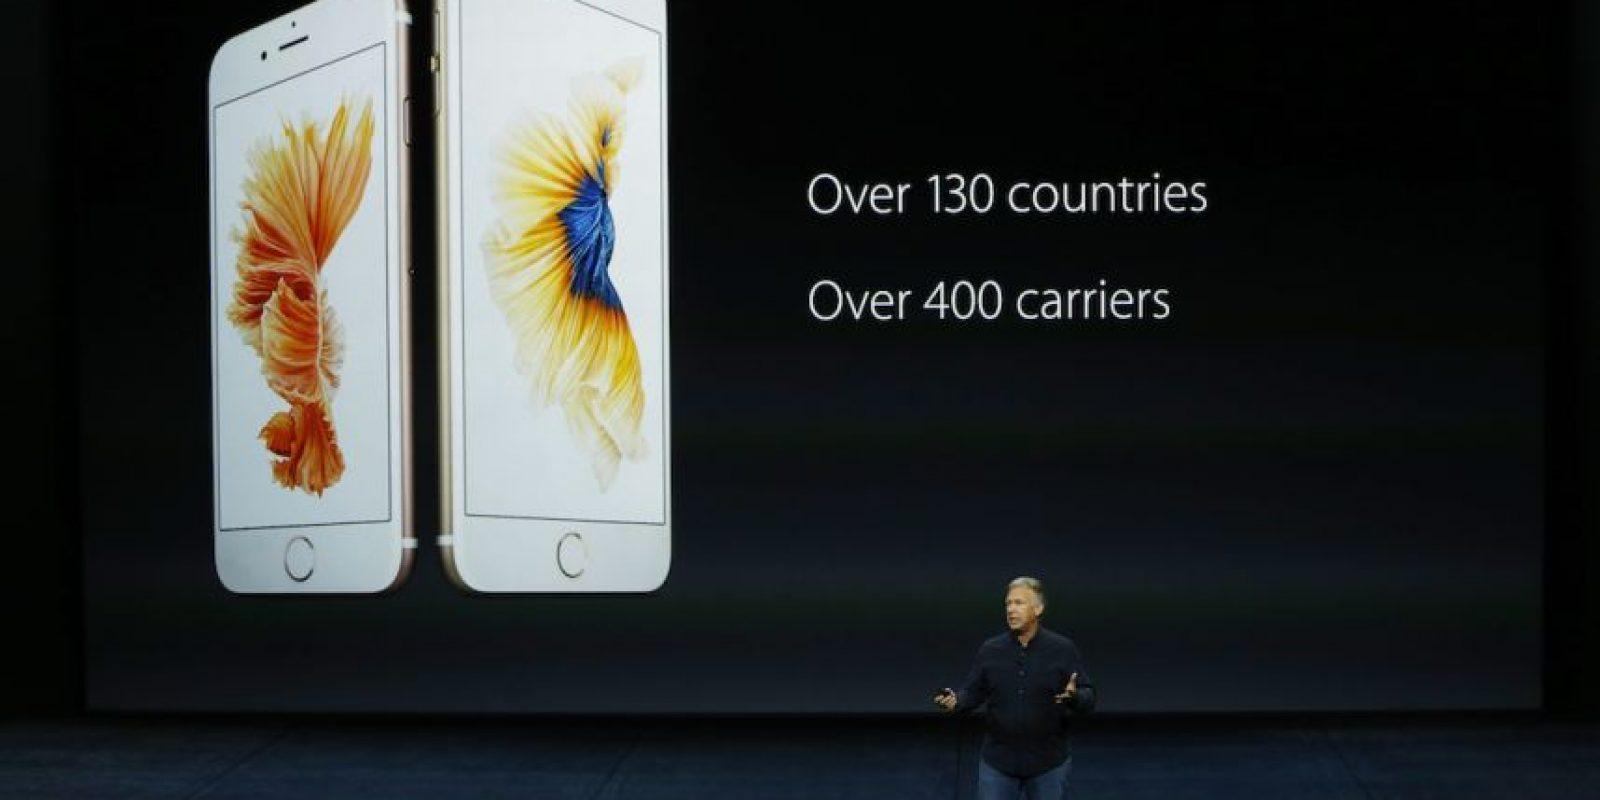 Para quienes desean un smartphone que pueda caber perfectamente en su bolsillo está el iPhone de 6s de 4.7 pulgadas, pero si lo quieren para leer documentos, ver películas o jugar cómodamente está el iPhone 6s Plus de 5.5 pulgadas. Foto:Getty Images